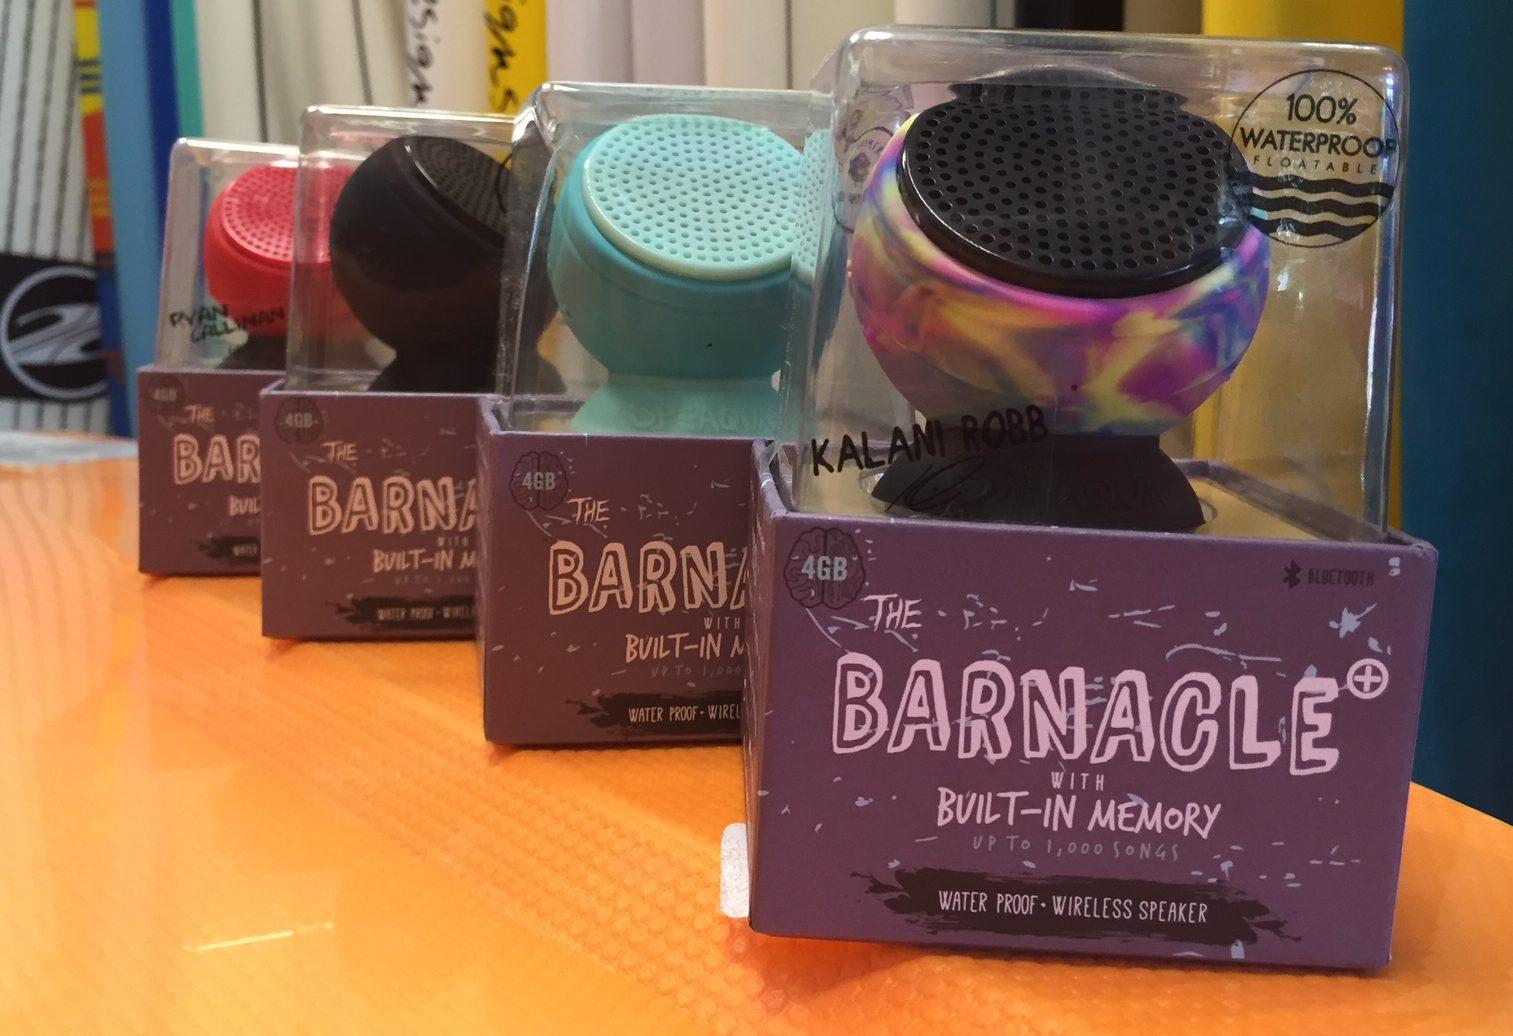 Barnacle 4G